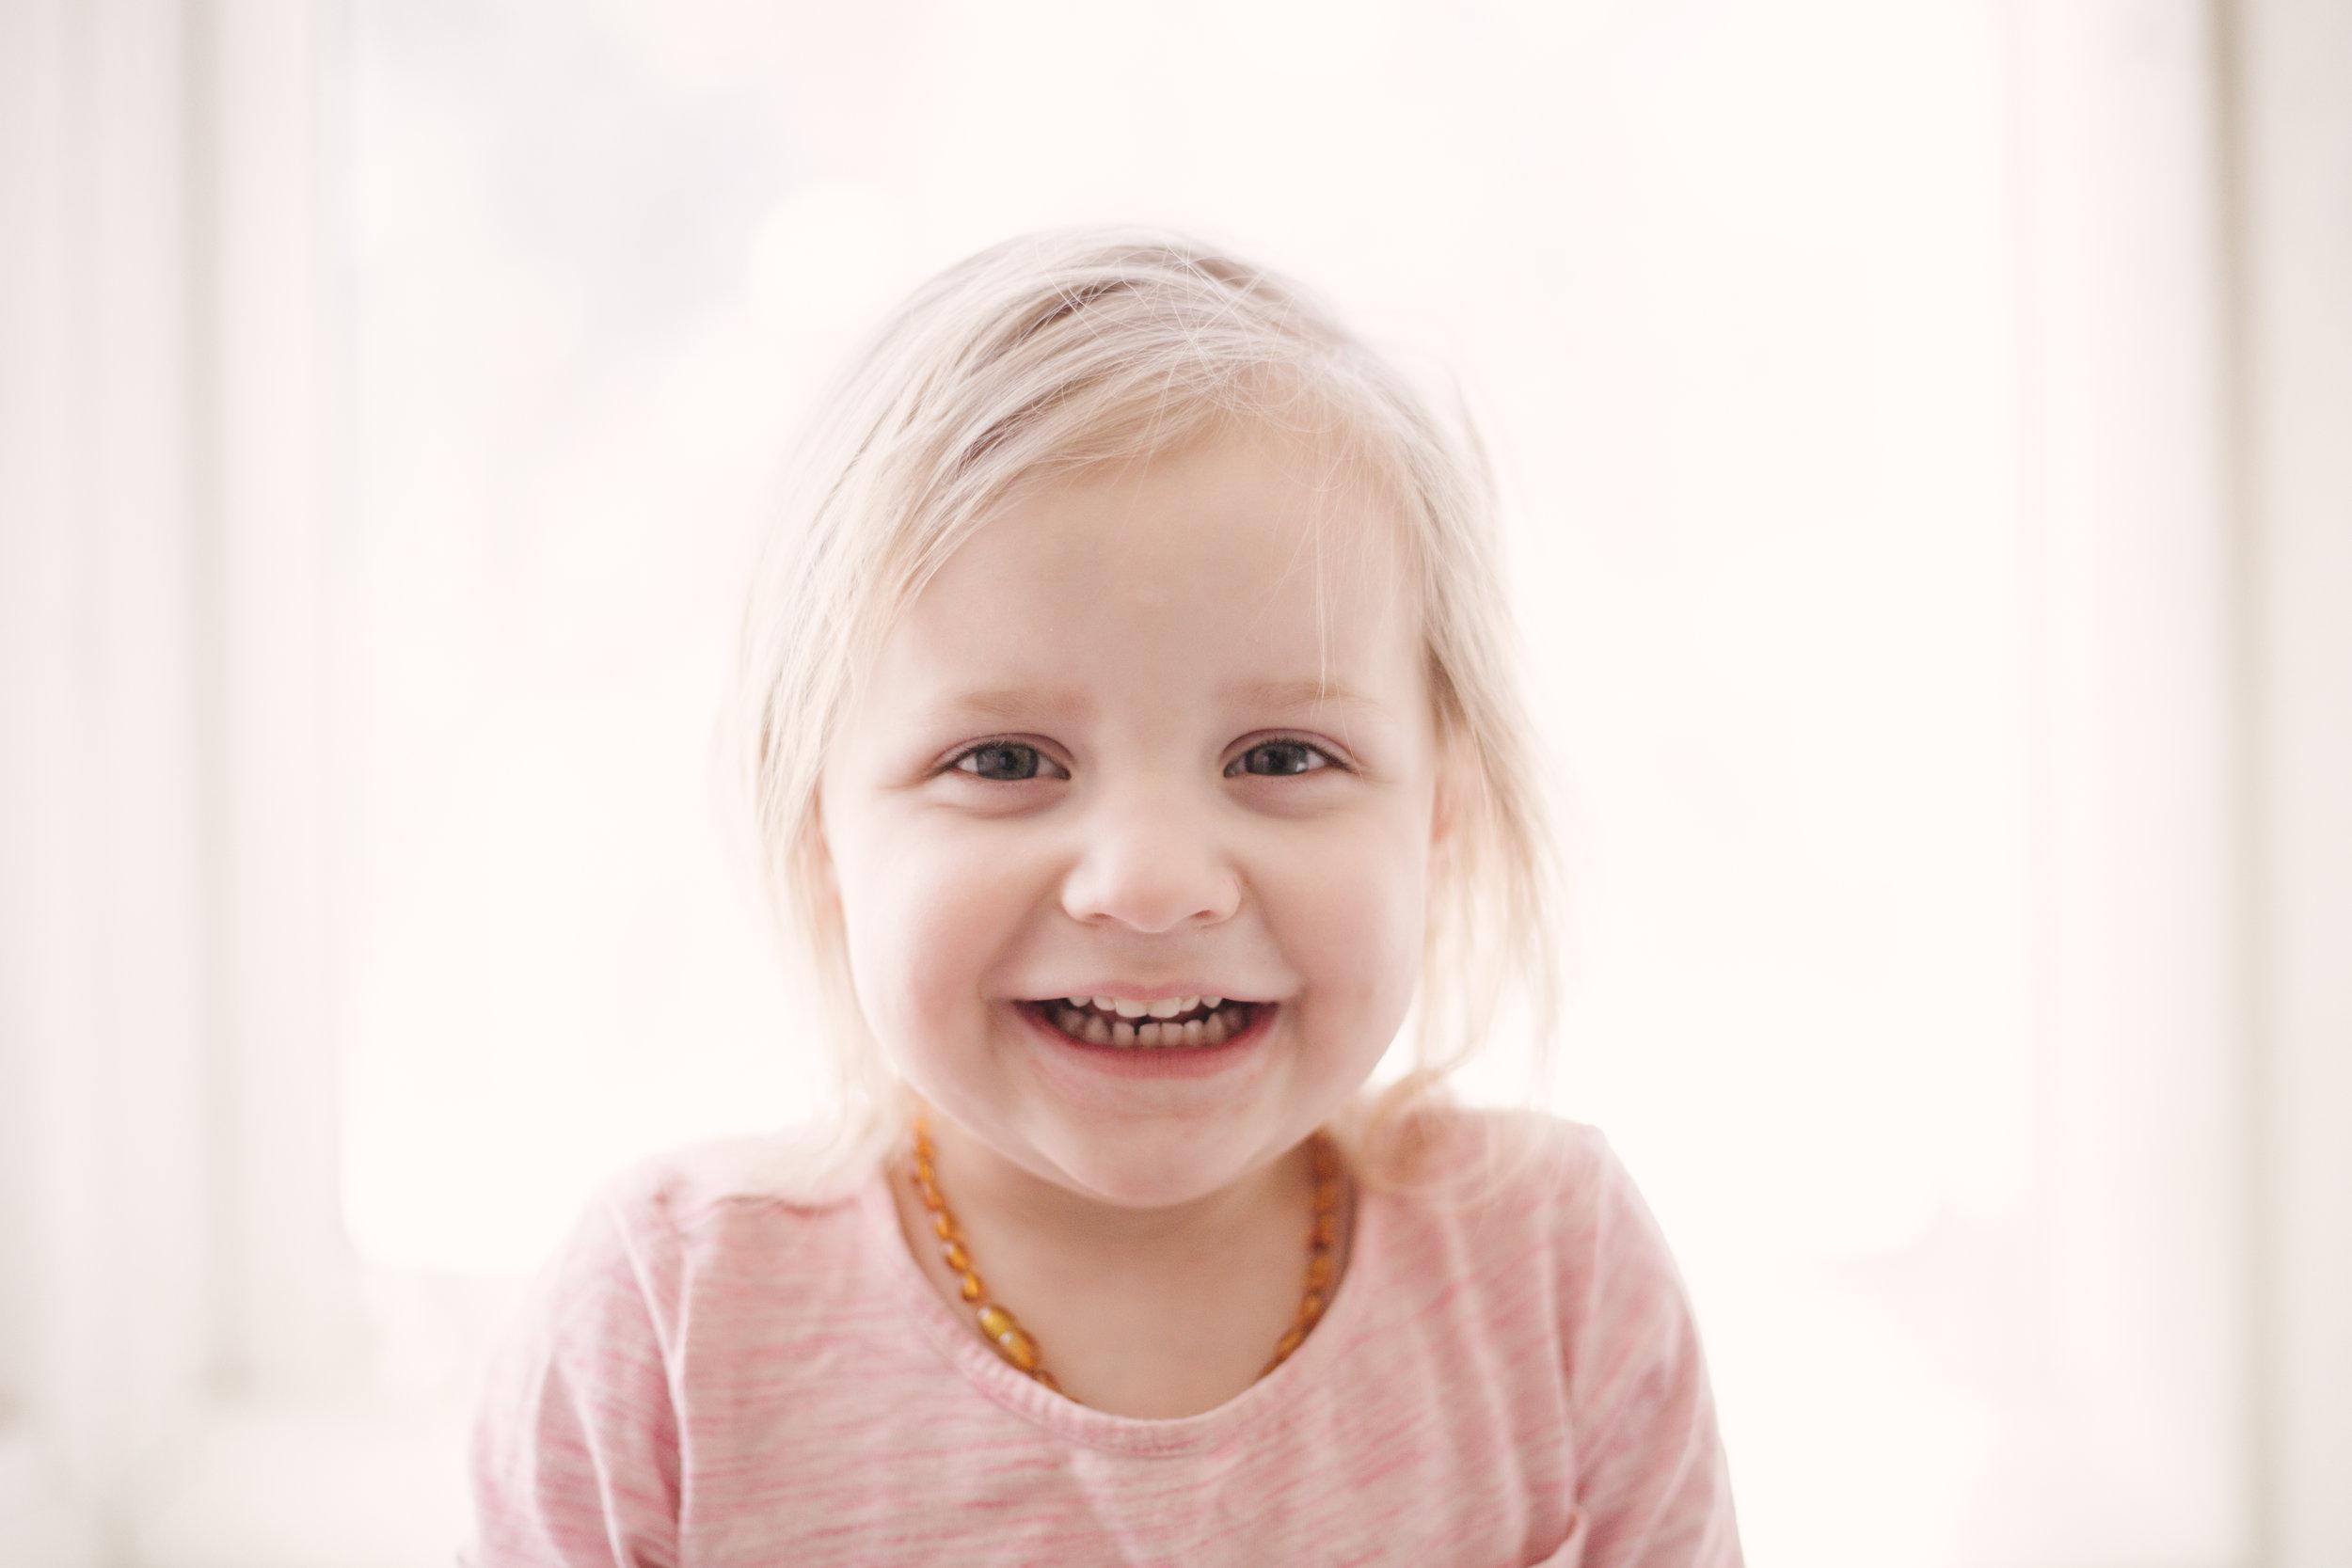 Montana, Pacific Northwest, Lifestyle Photographer - Hazel age 3 - Ashley Tintinger Photography -2.jpg